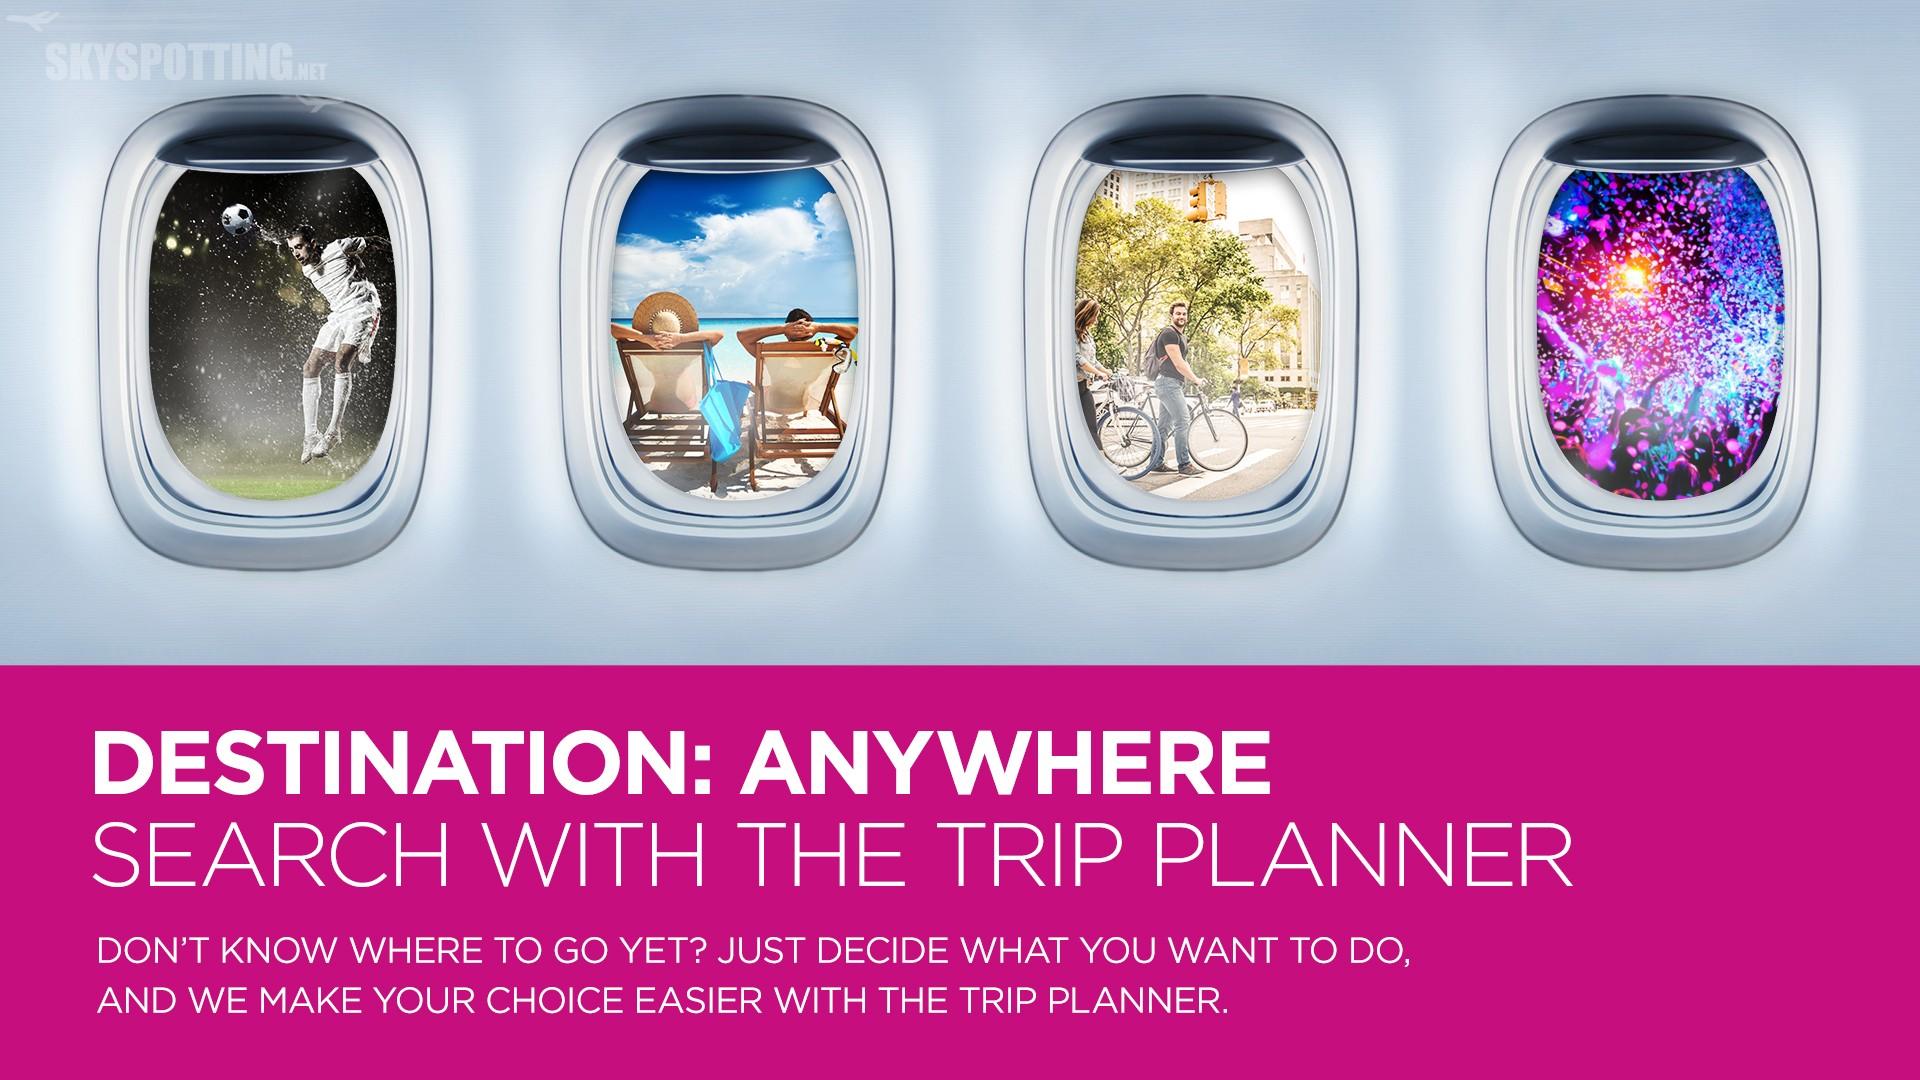 Wizz Air ogłasza nową przyjazną usługę internetową – Trip Planner